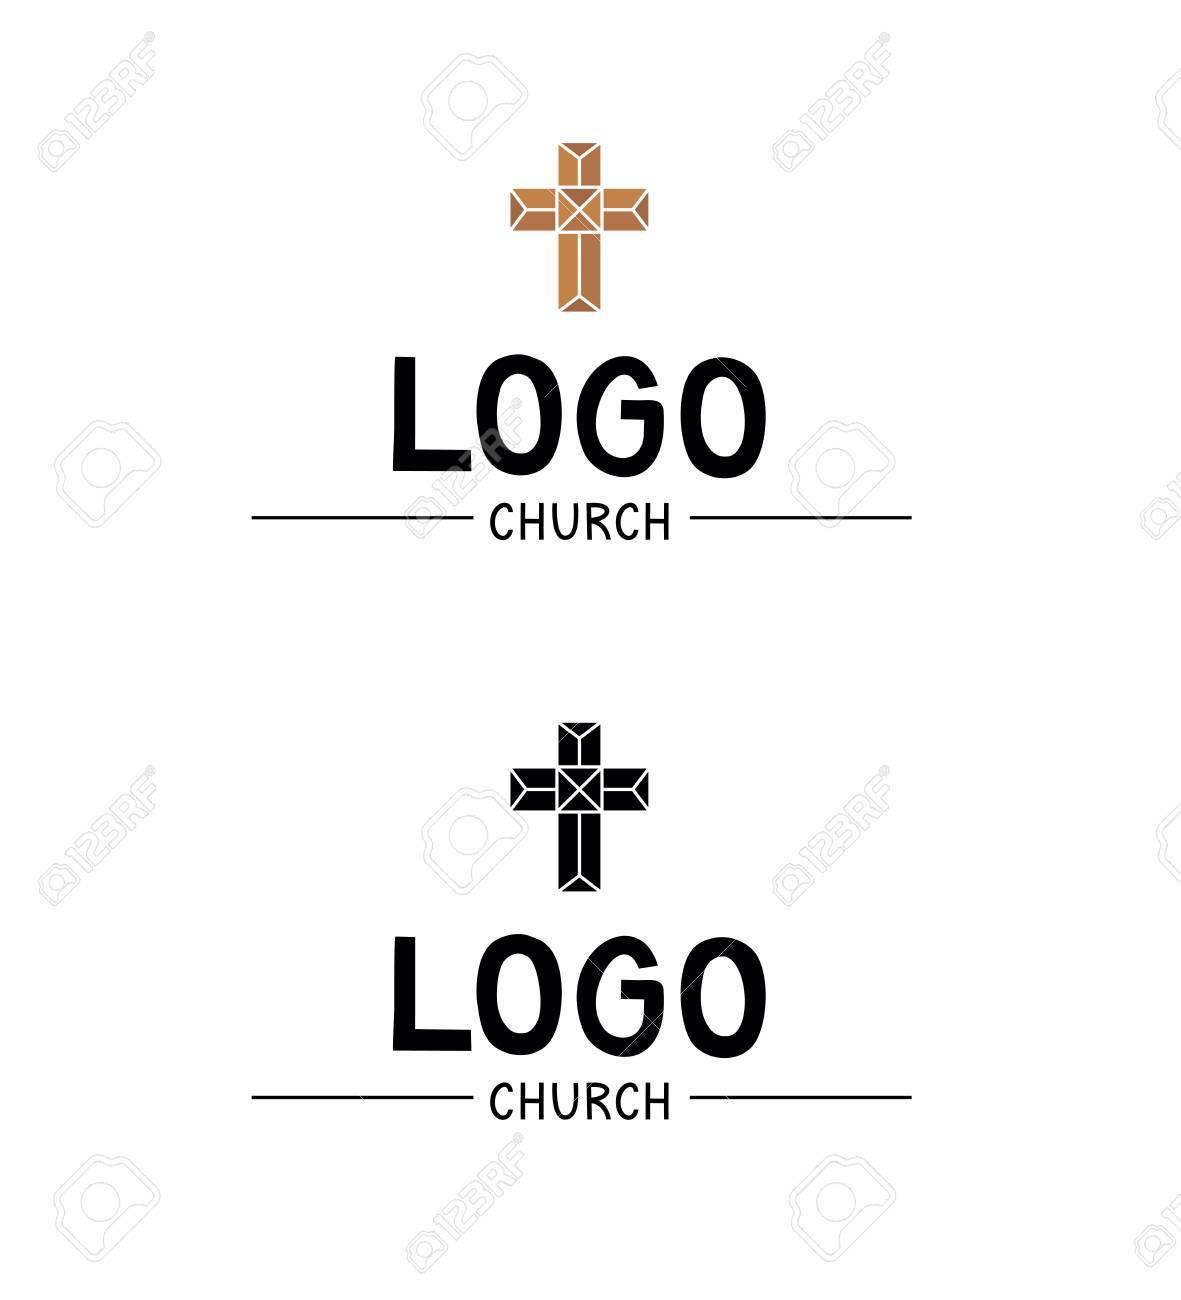 Scripture Croix Chemise Police Impression Citation Chrétien Signe écriture Scriptural Symbole Dieu Esprit Graphique Seigneur Jésus